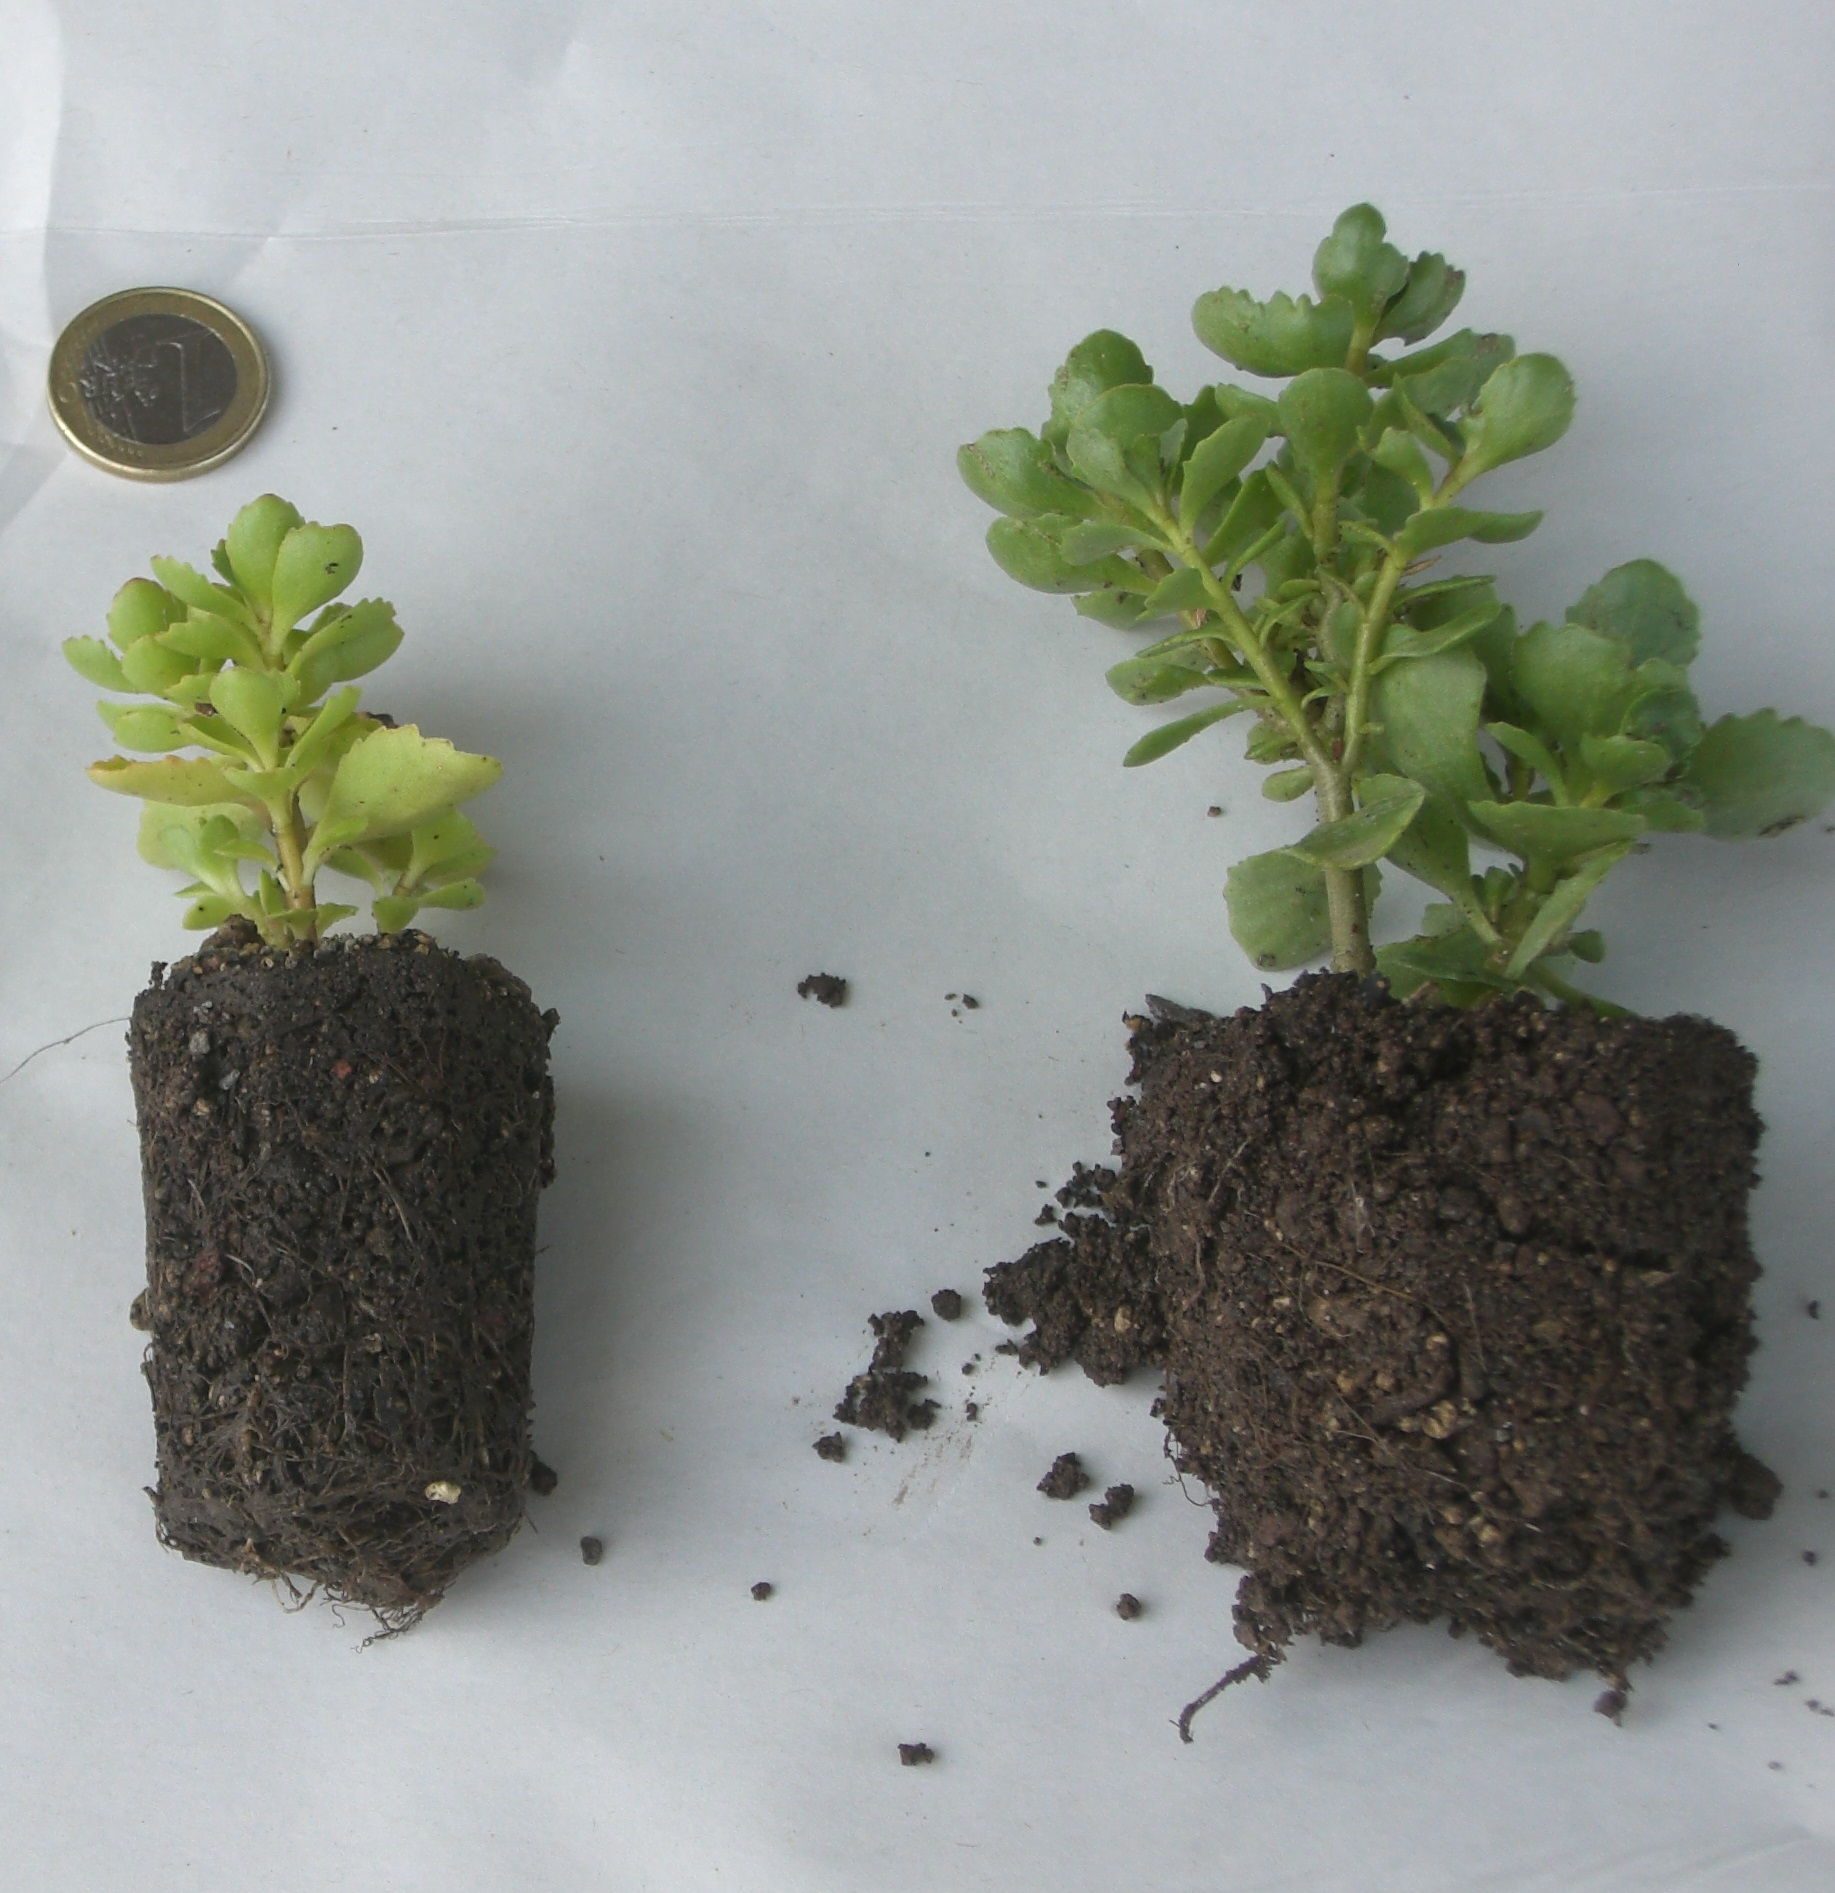 Links sieht man eine Gärtnerballenpflanze aus den 100er Angeboten, rechts eine Flachballenpflanze aus den 50er, 6er und 24er Angeboten